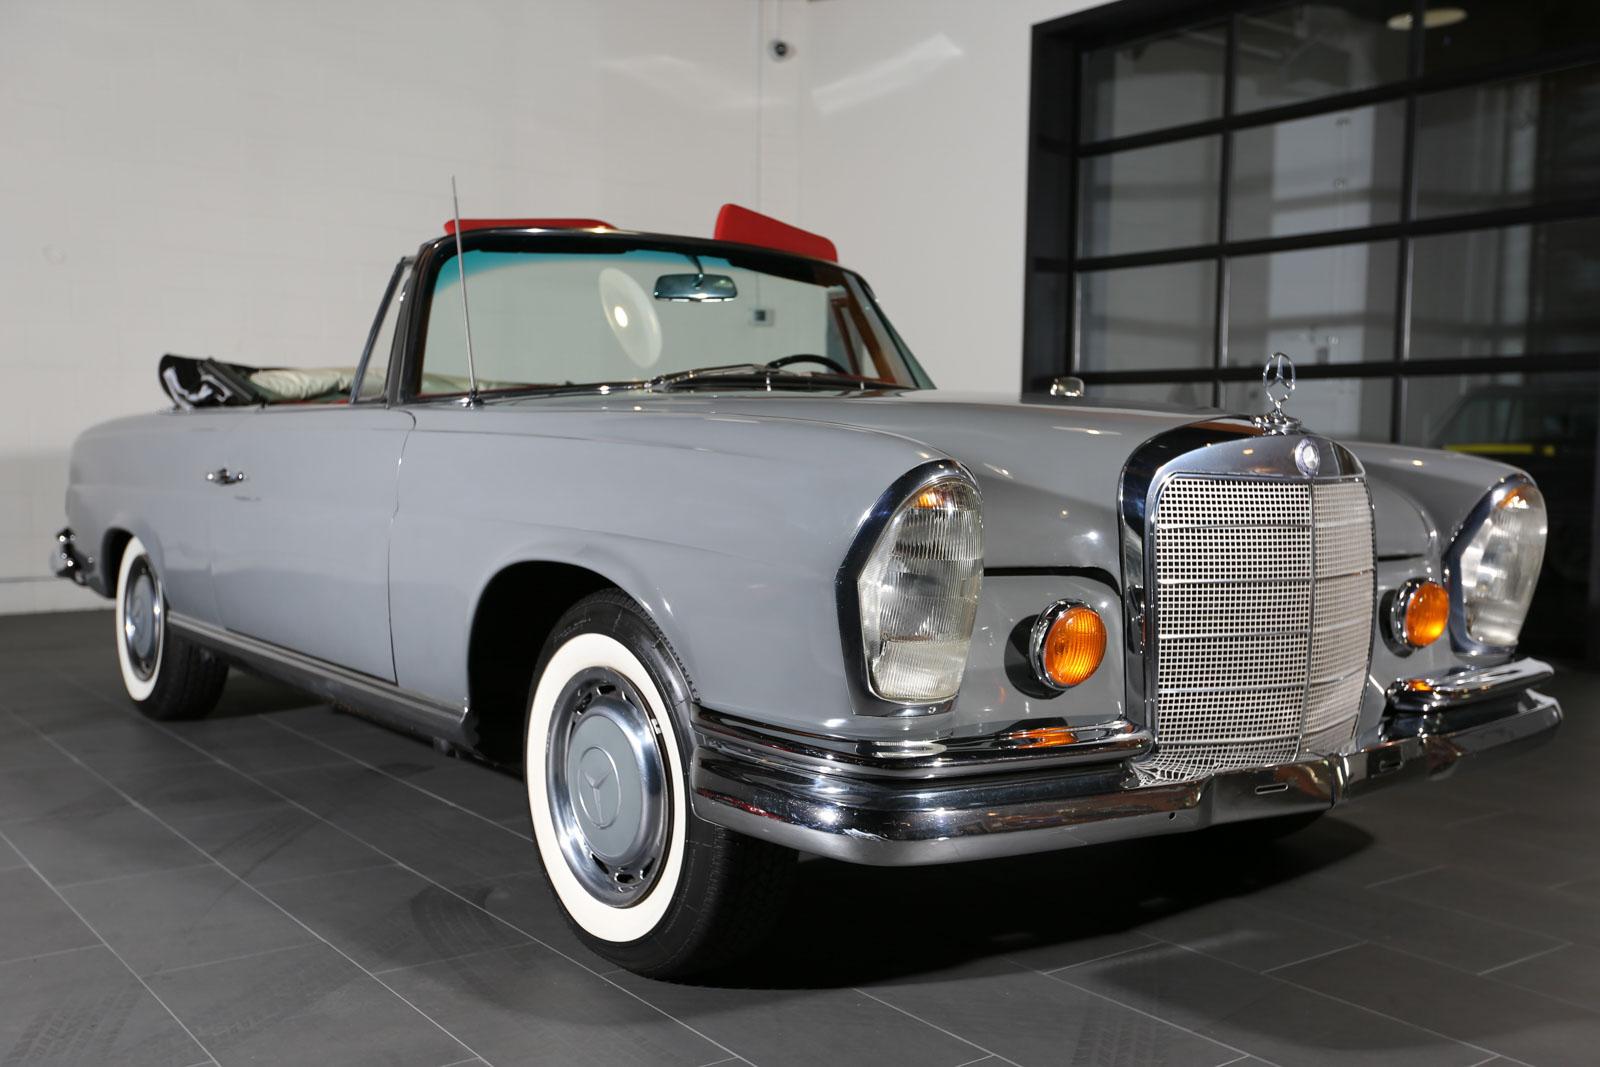 1963 mercedes benz 220se silver arrow cars ltd for 1963 mercedes benz